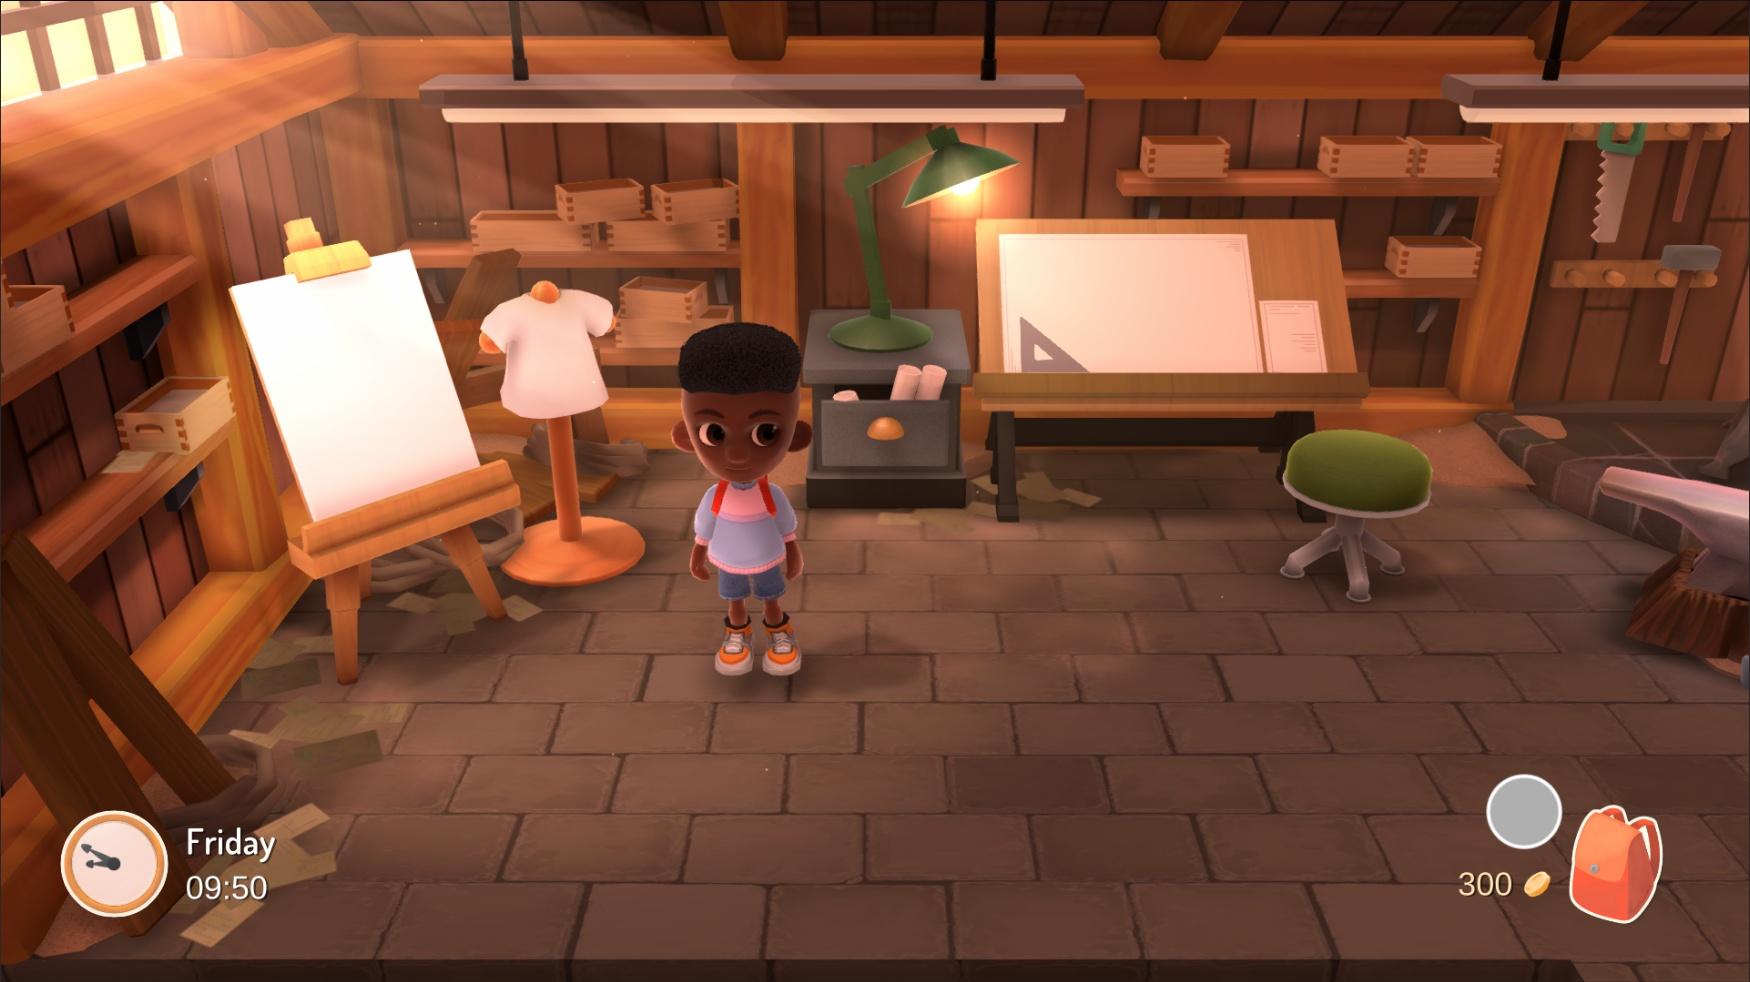 Издательство Team17 взялось за симулятор Hokko Life